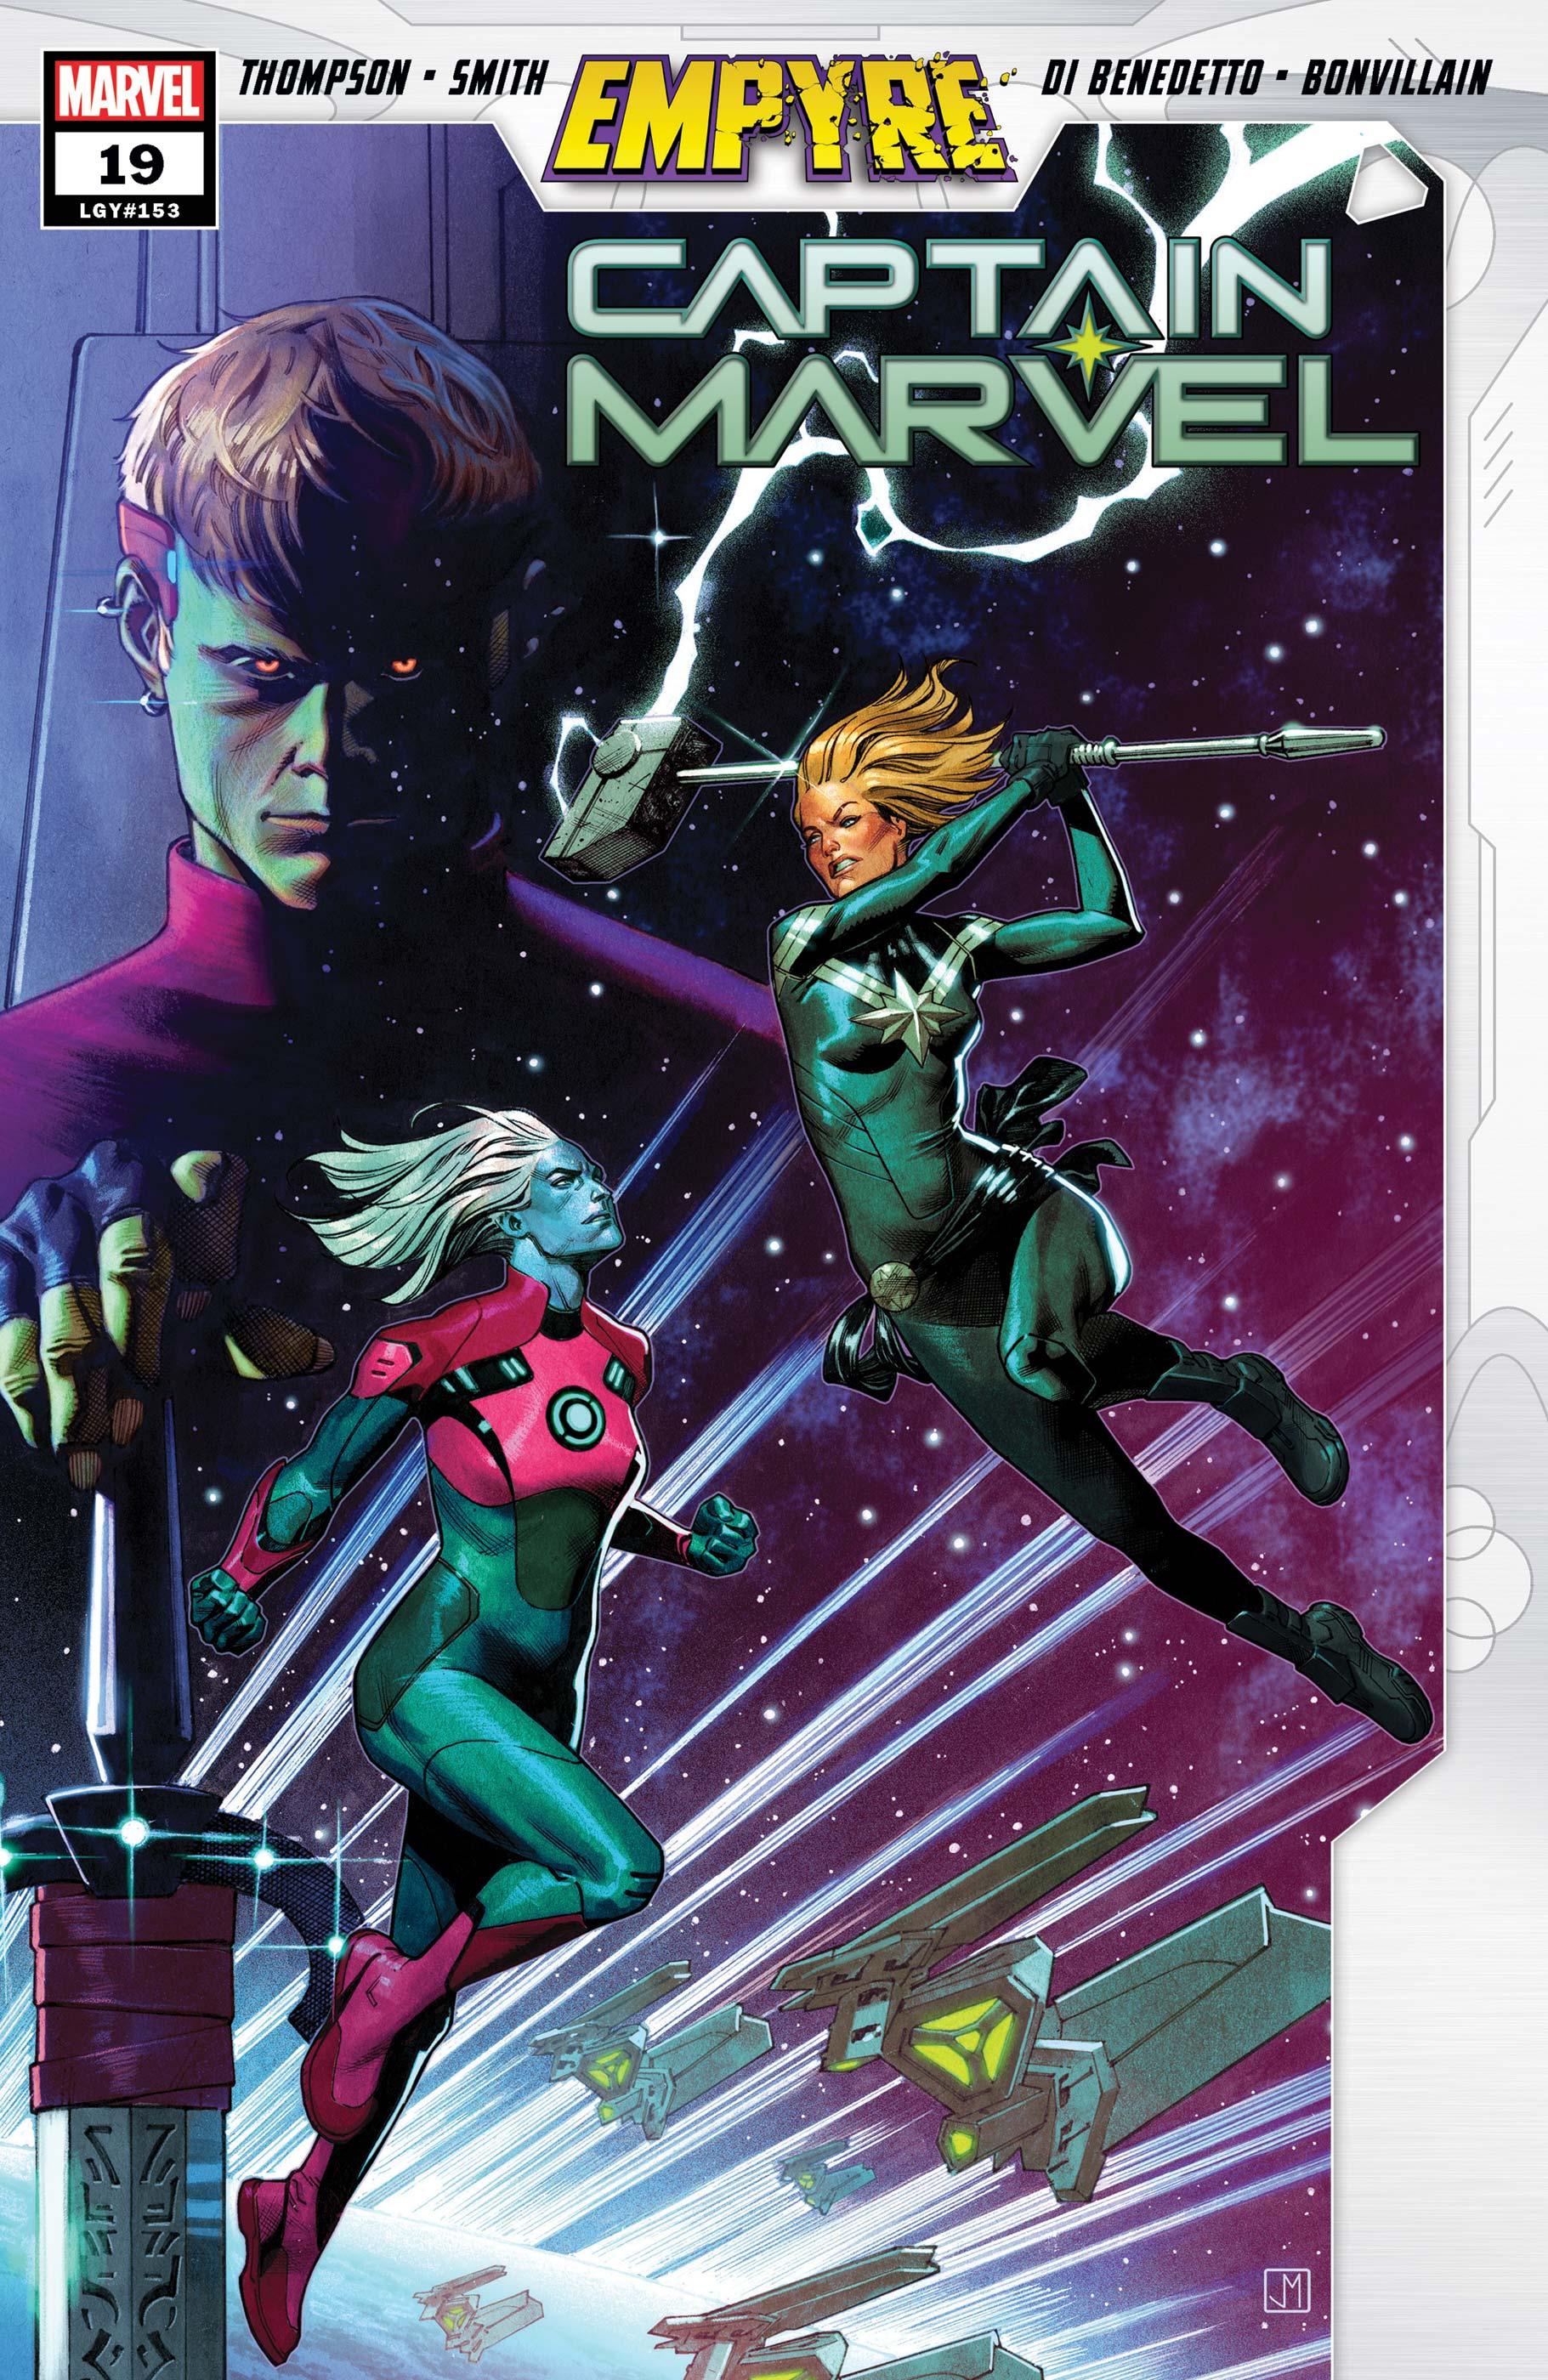 Captain Marvel (2019) #19